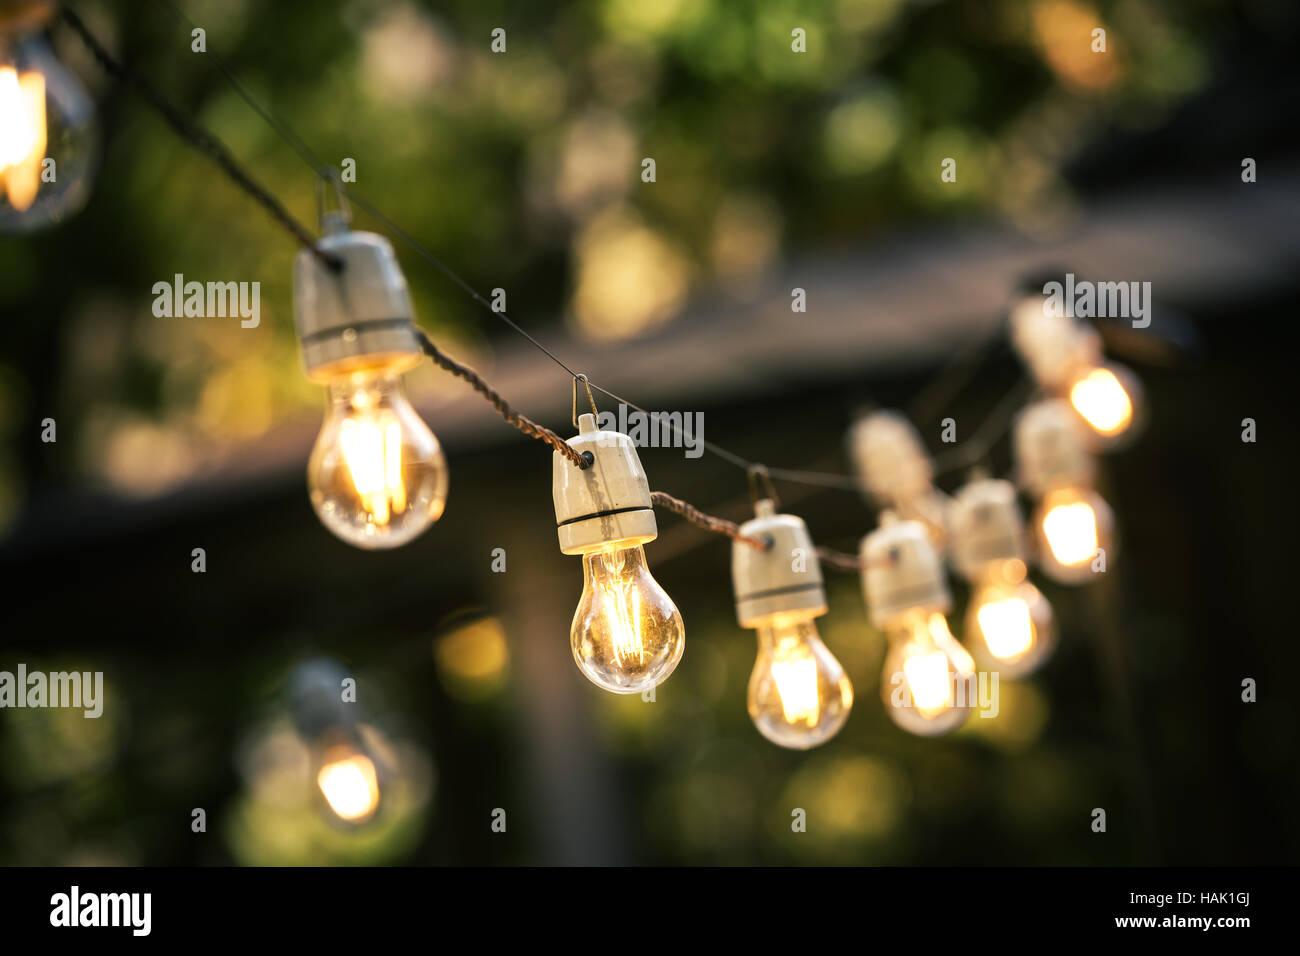 Outdoor luci stringa appeso su una linea in cortile Immagini Stock